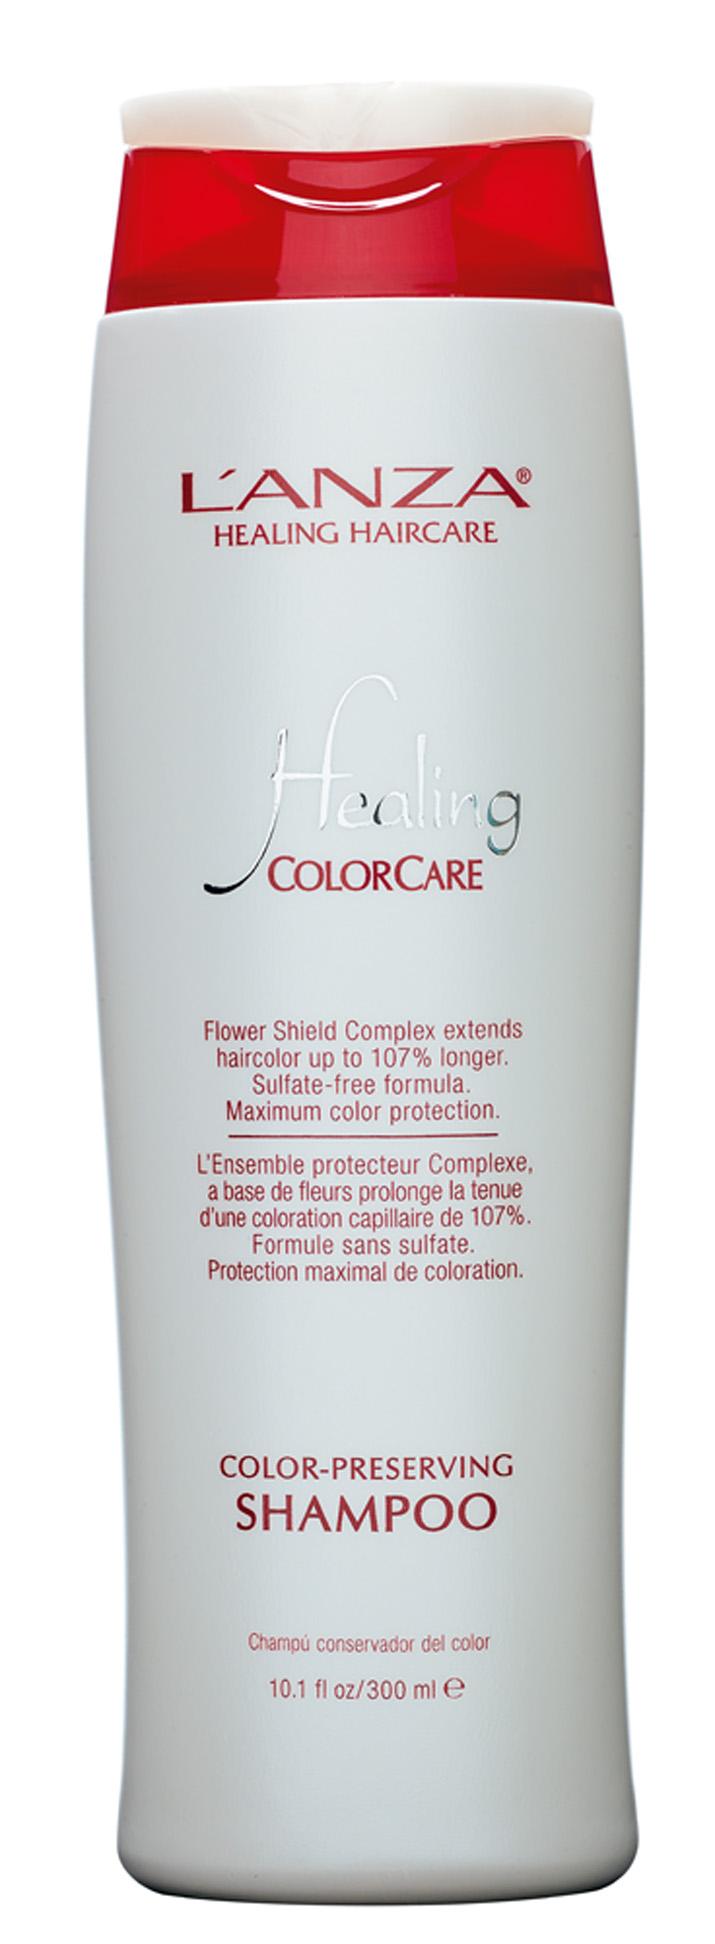 Healing Color Care, R$ 75: possui tripla proteção UV  e não contém sal. L'anza (11) 5188-0088